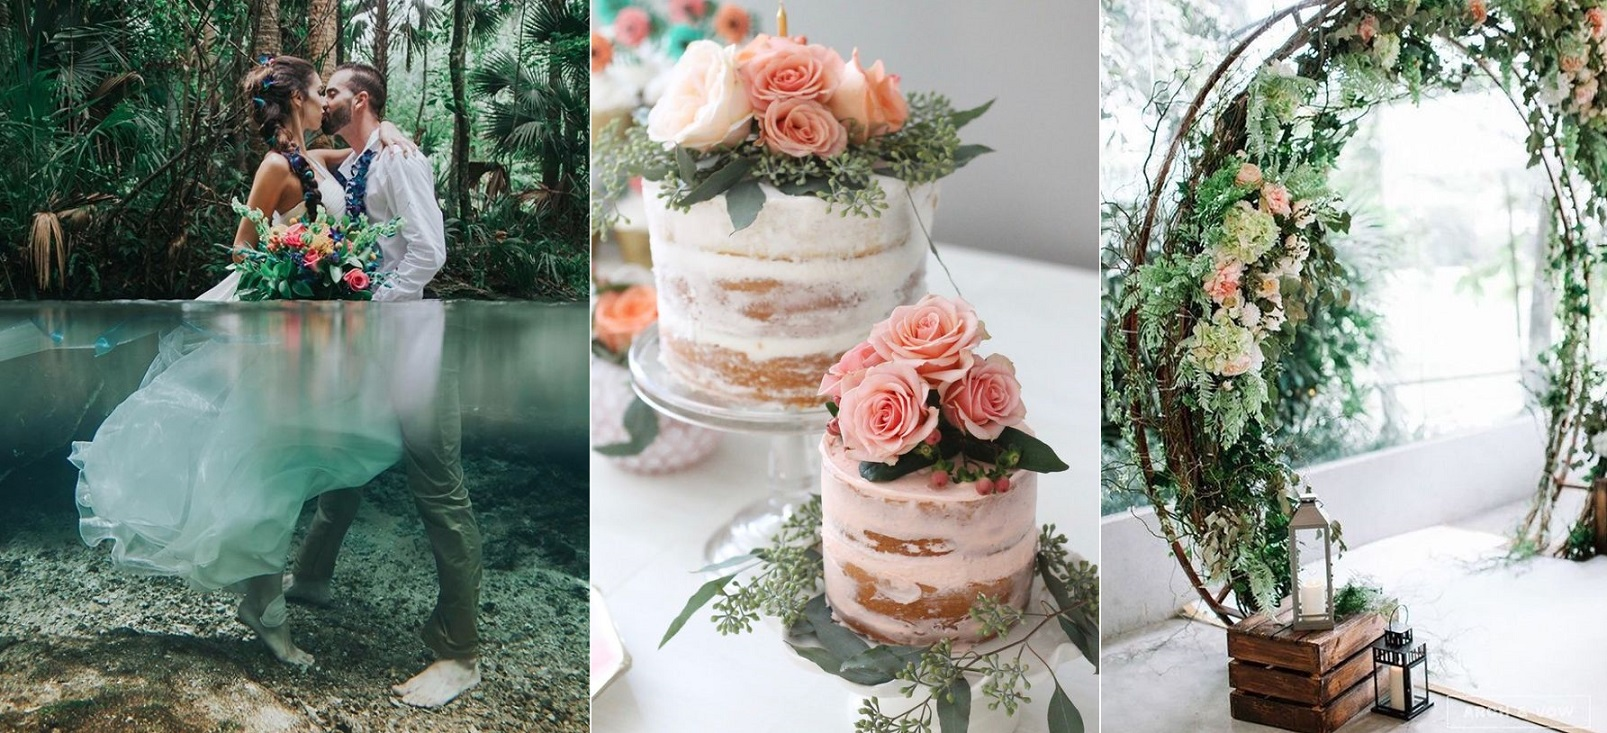 Модная свадьба 2021 года: актуальные цвета, стили, фото идеи